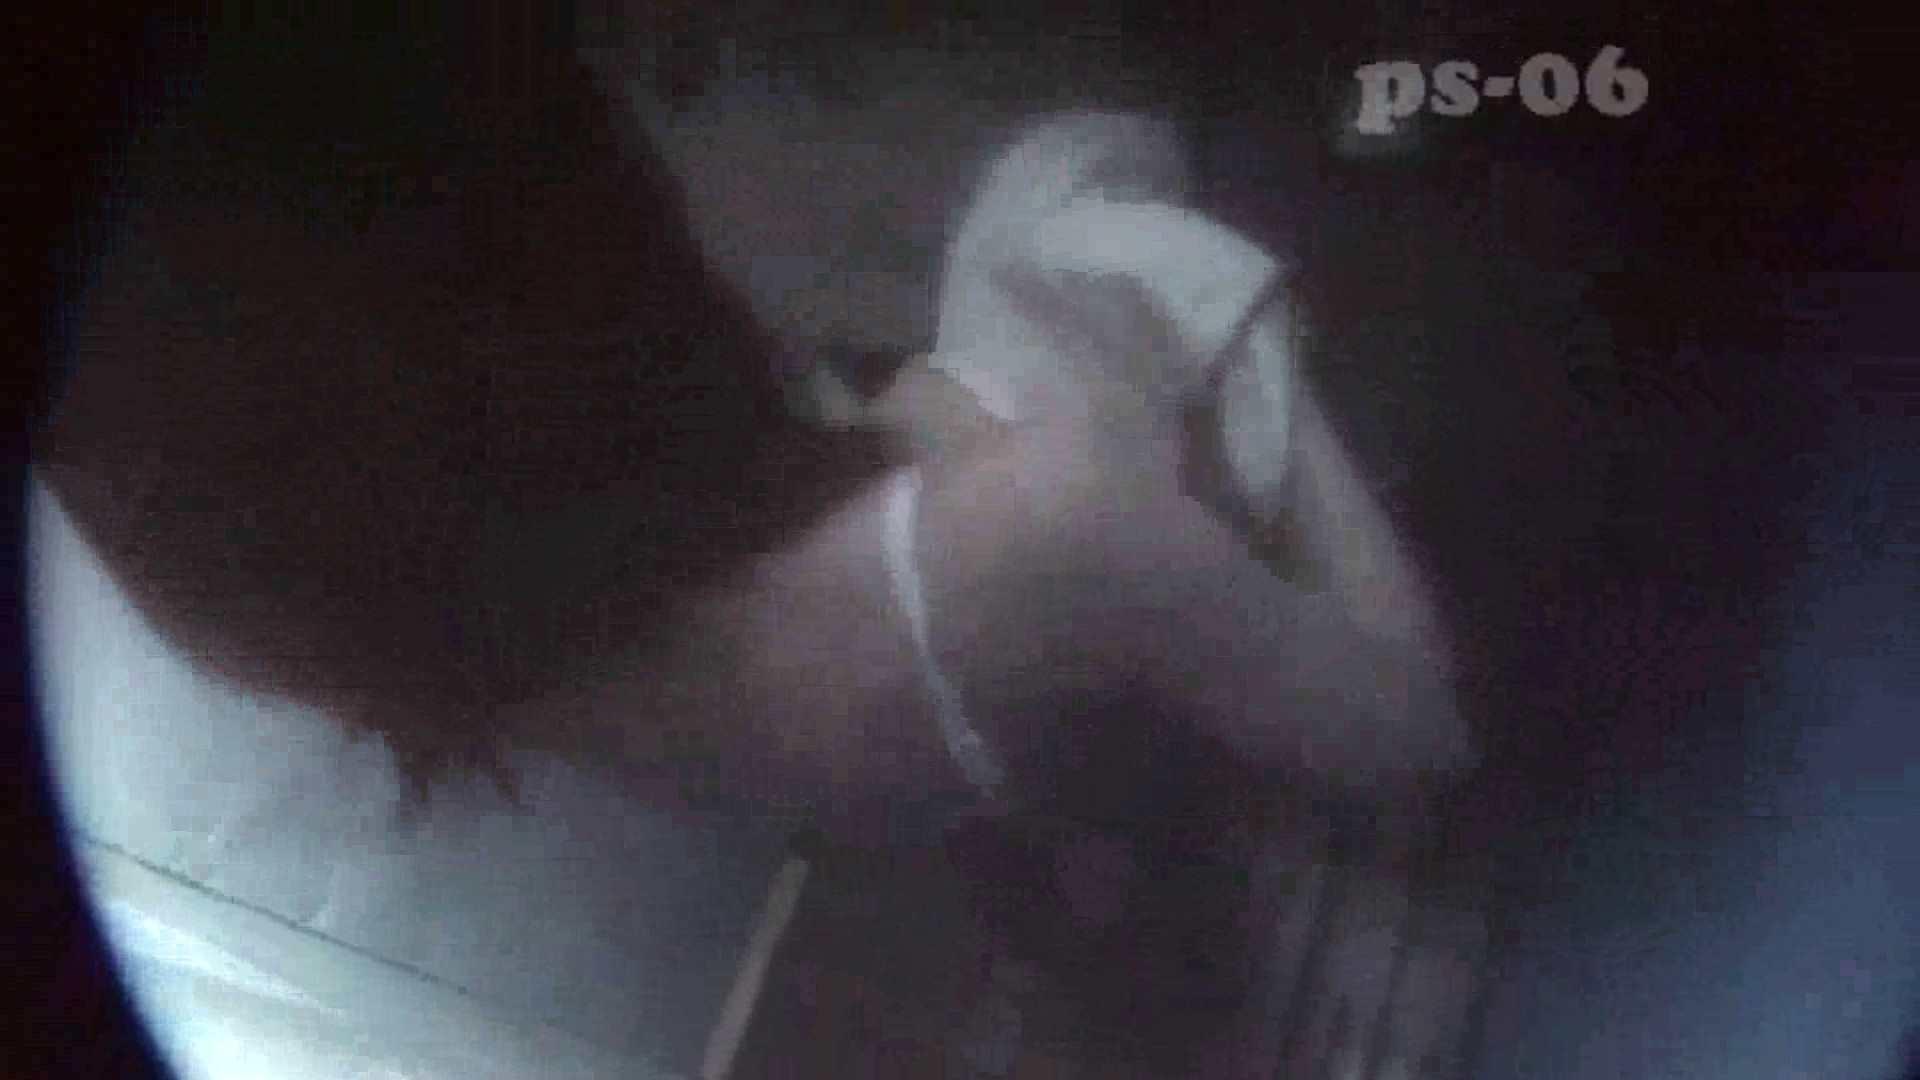 シャワールームは危険な香りVol.6(ハイビジョンサンプル版) 名人 オマンコ動画キャプチャ 99枚 39